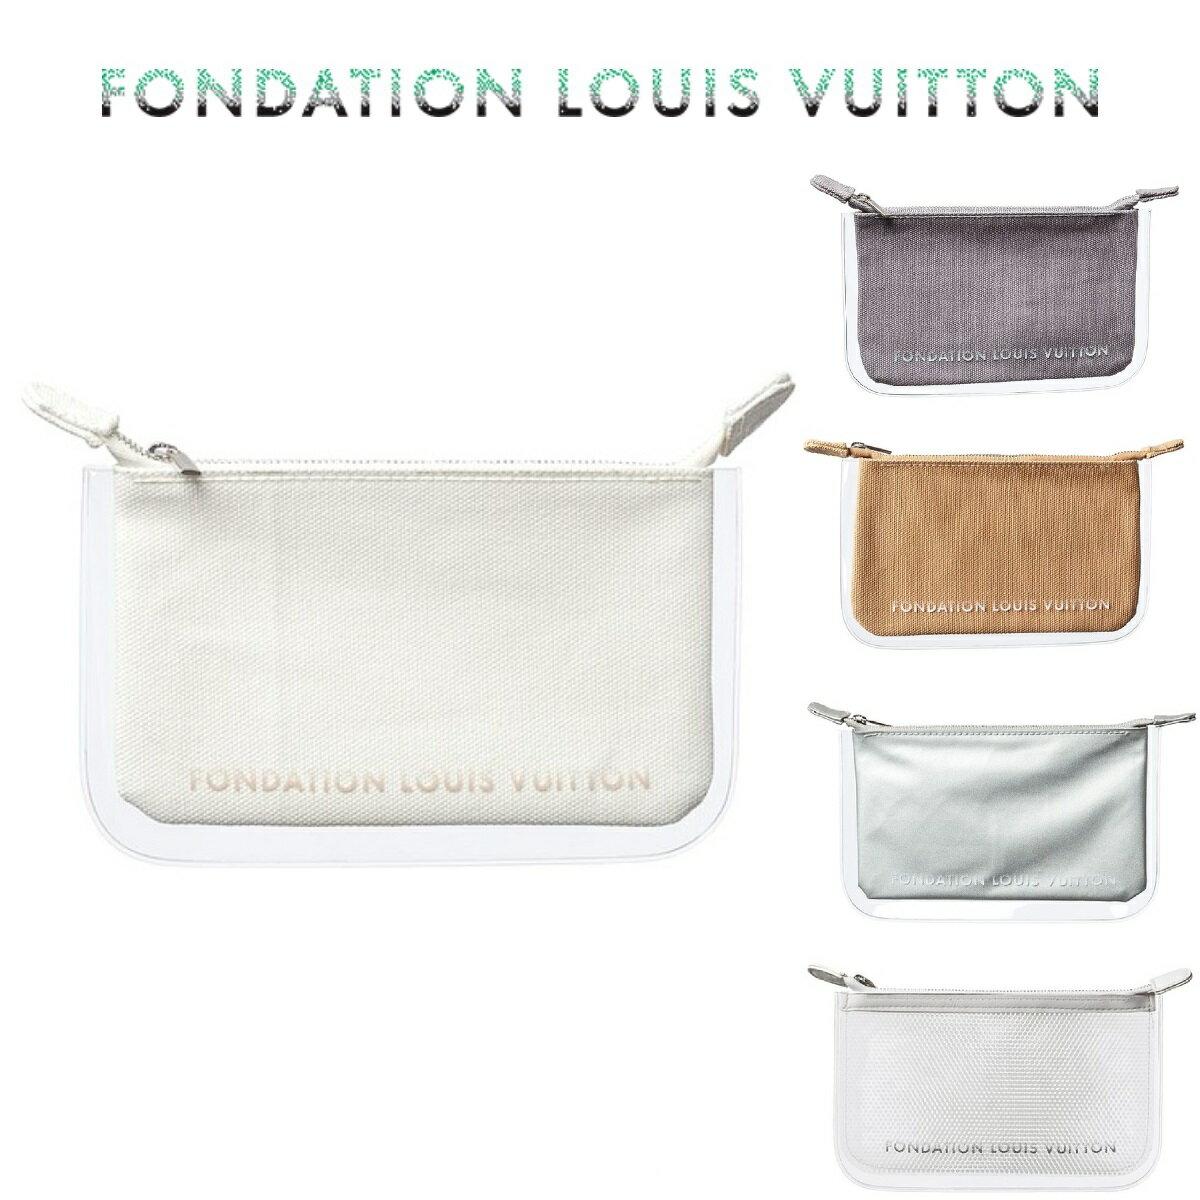 レディースバッグ, 化粧ポーチ FONDATION LOUIS VUITTON